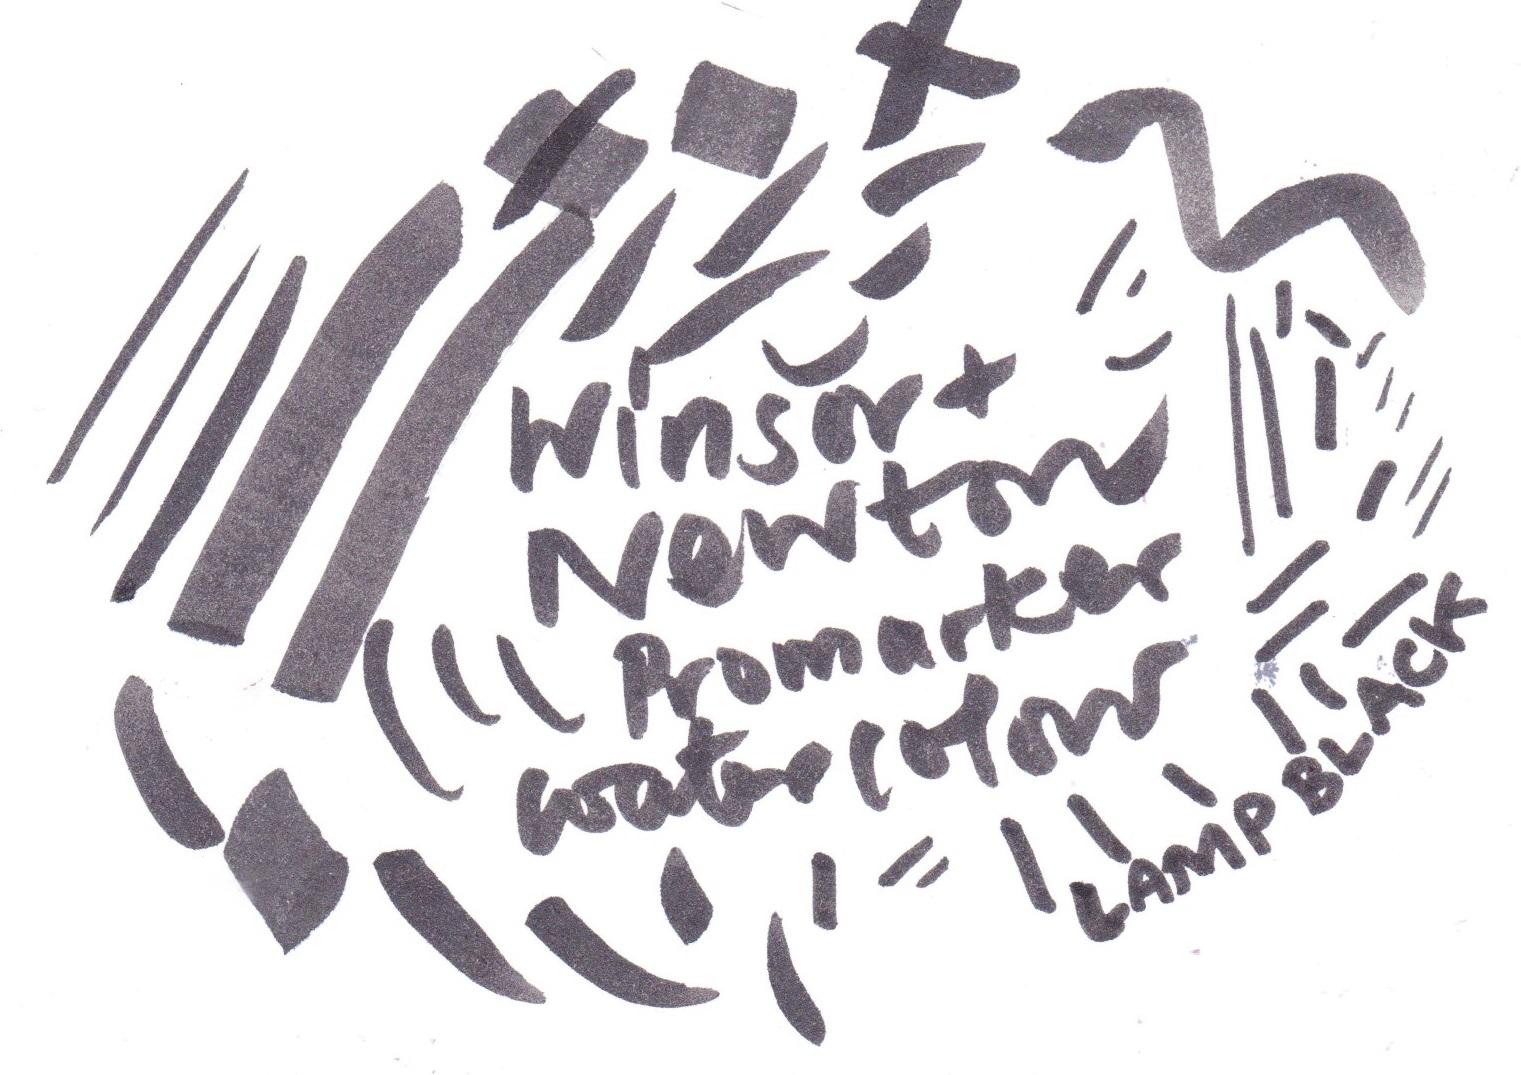 Winsor and Newton Promarker Watercolour Lamp Black on Bristol board